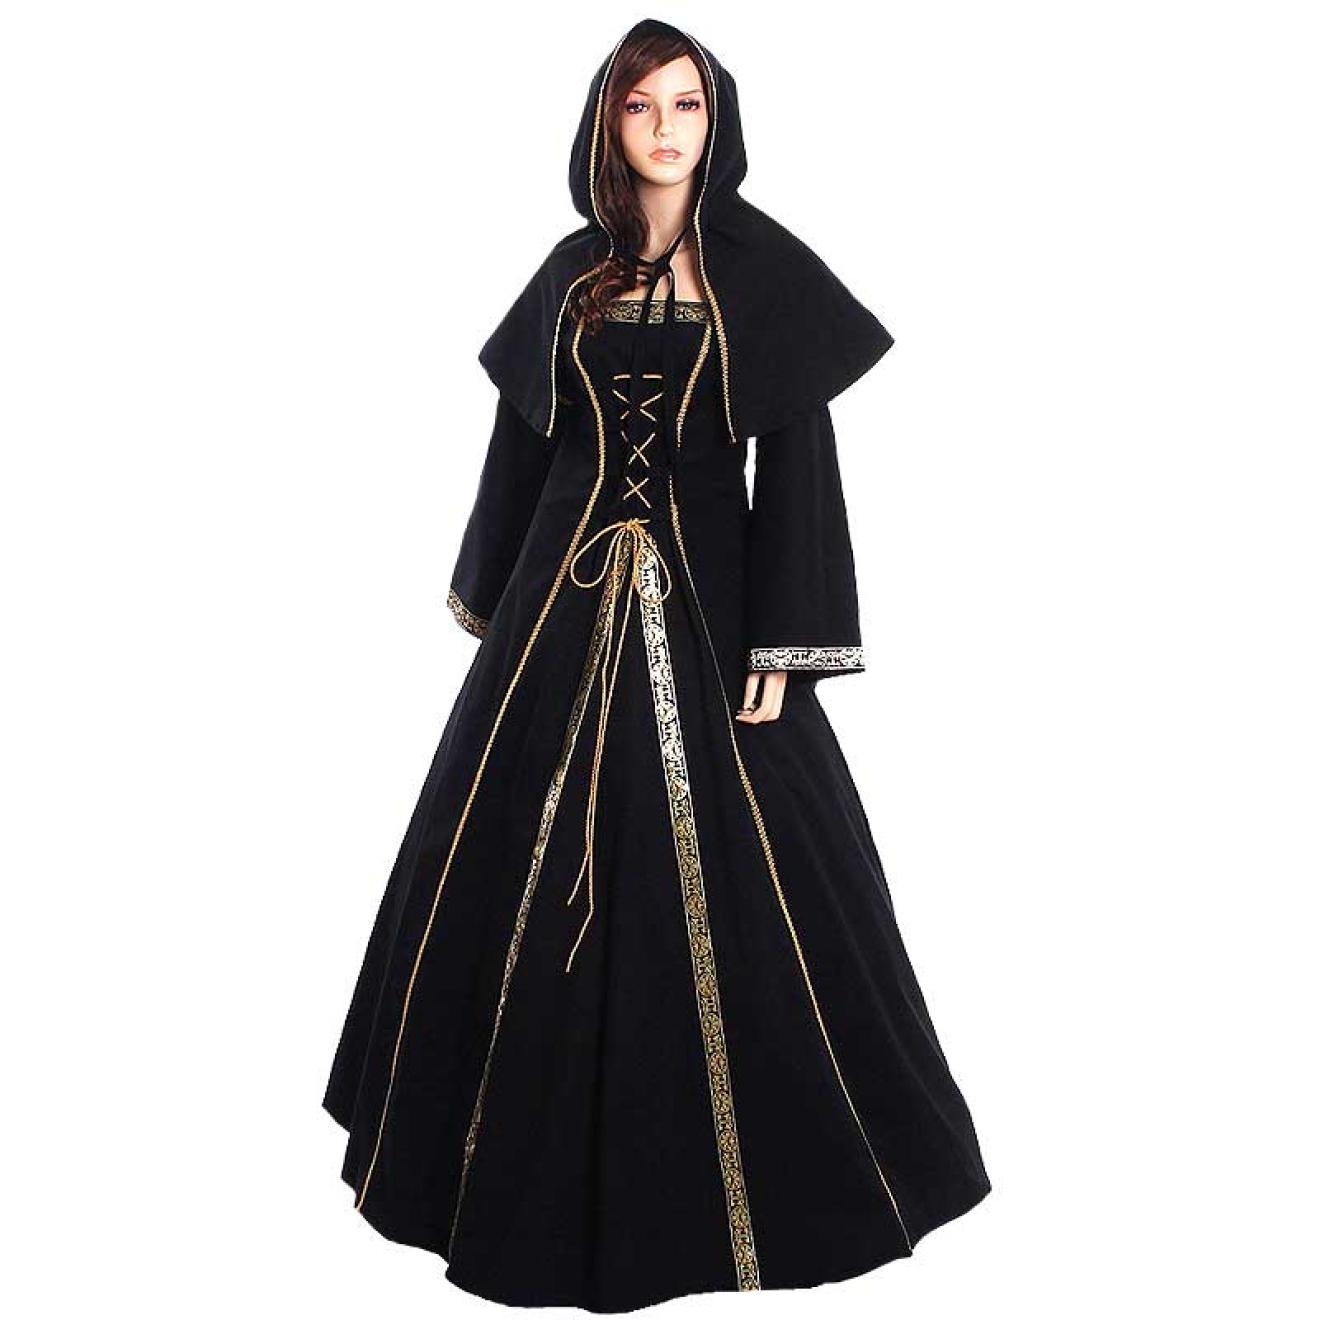 Schnittmuster fur gothic kleider